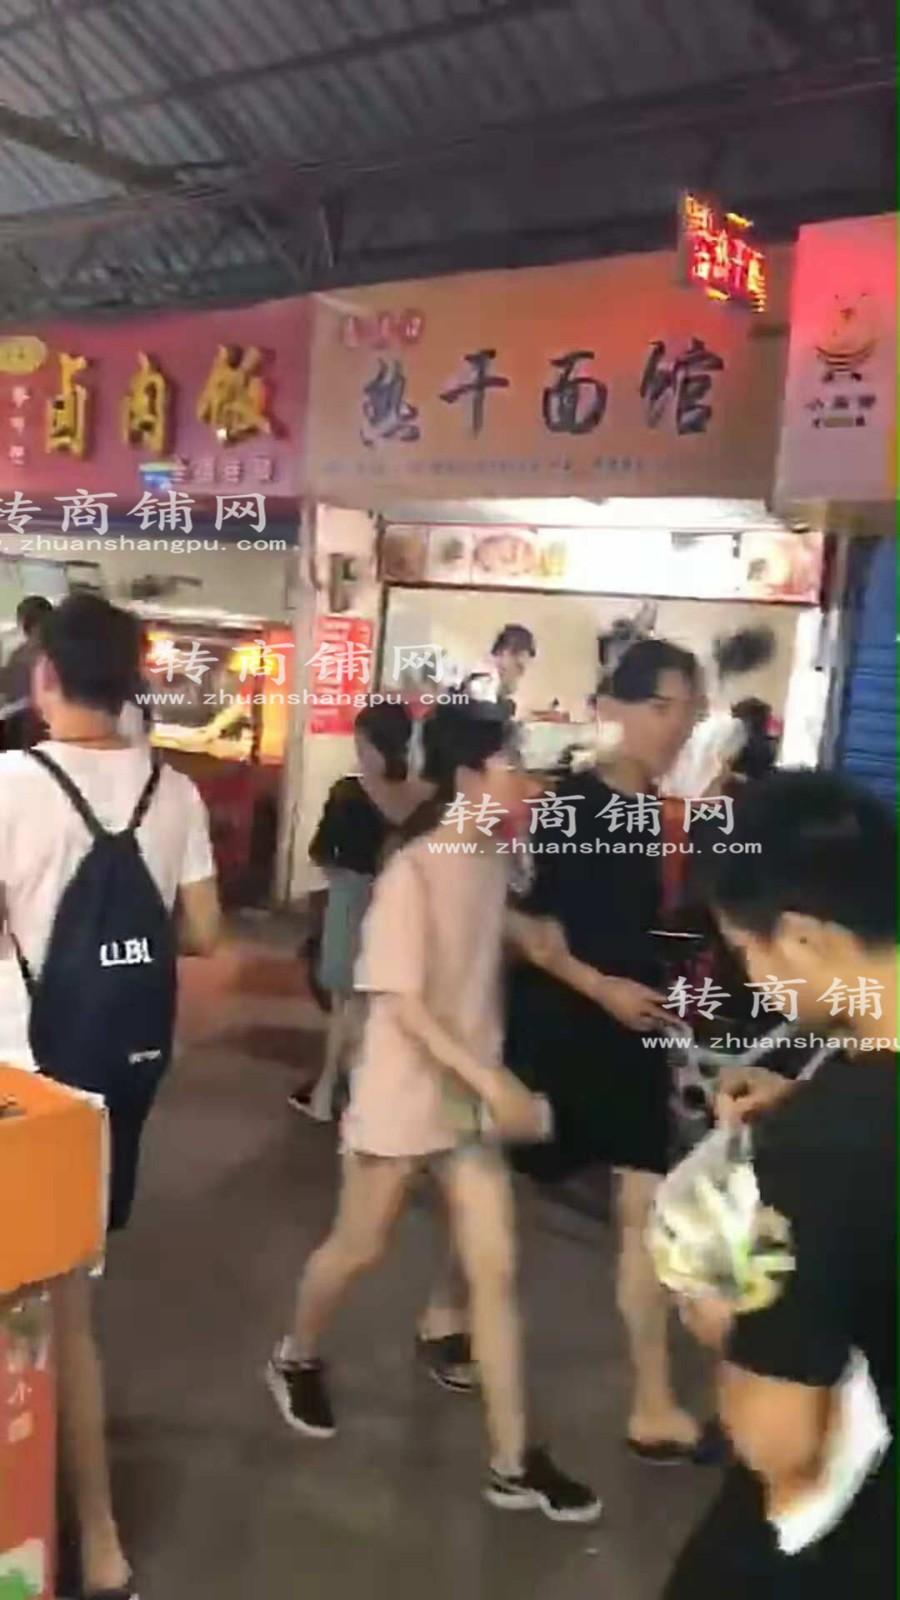 万人高校奶茶店急转!!